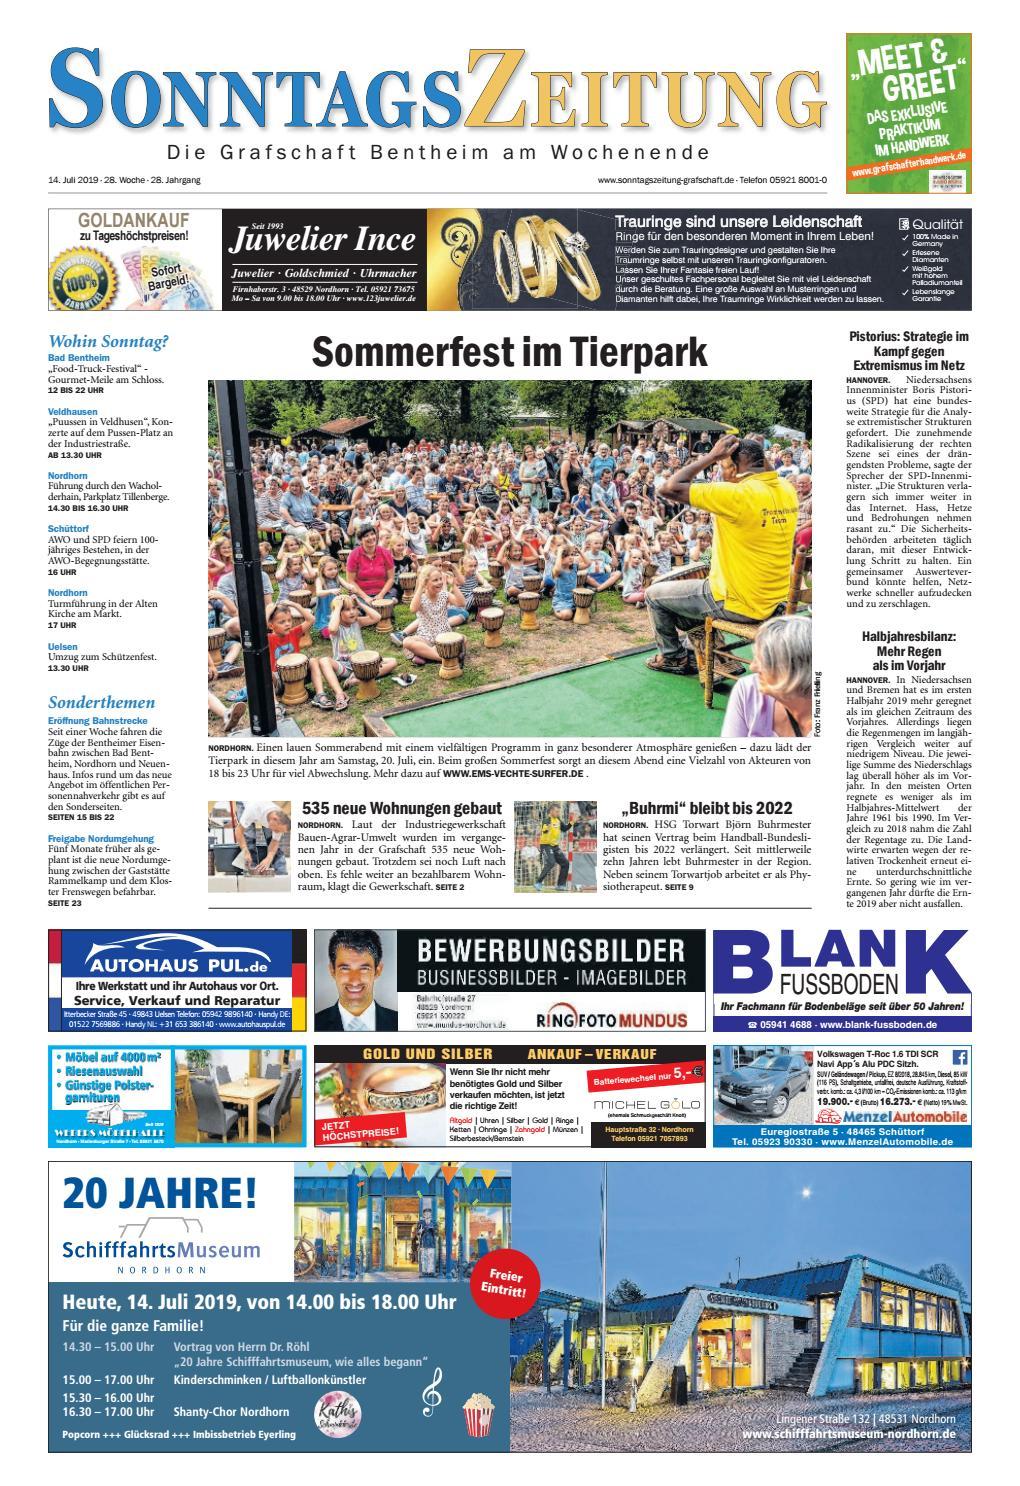 Sonntagszeitung 2019 07 14 By Grafschafter Nachrichten Issuu